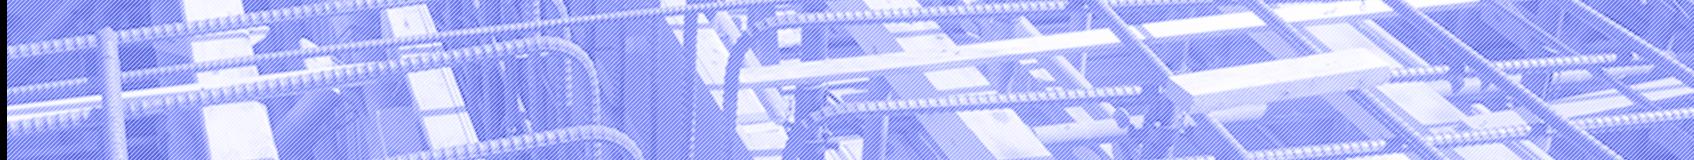 I.S.S.建設 株式会社の作業イメージI.S.S.建設 株式会社の作業イメージ